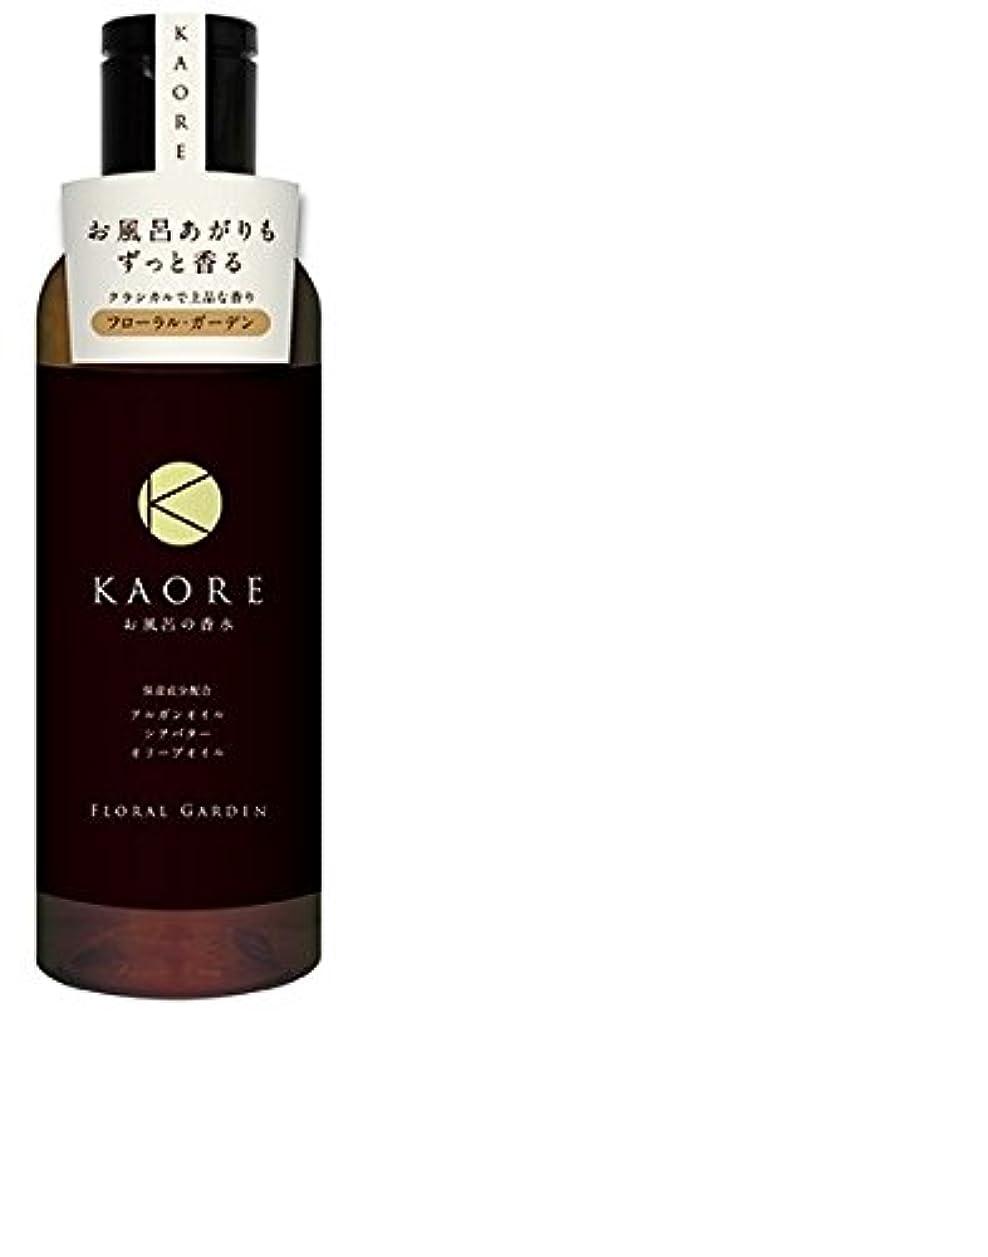 エラー報酬のカーペットKAORE(カオリ) お風呂の香水 フローラルガーデン 200ml